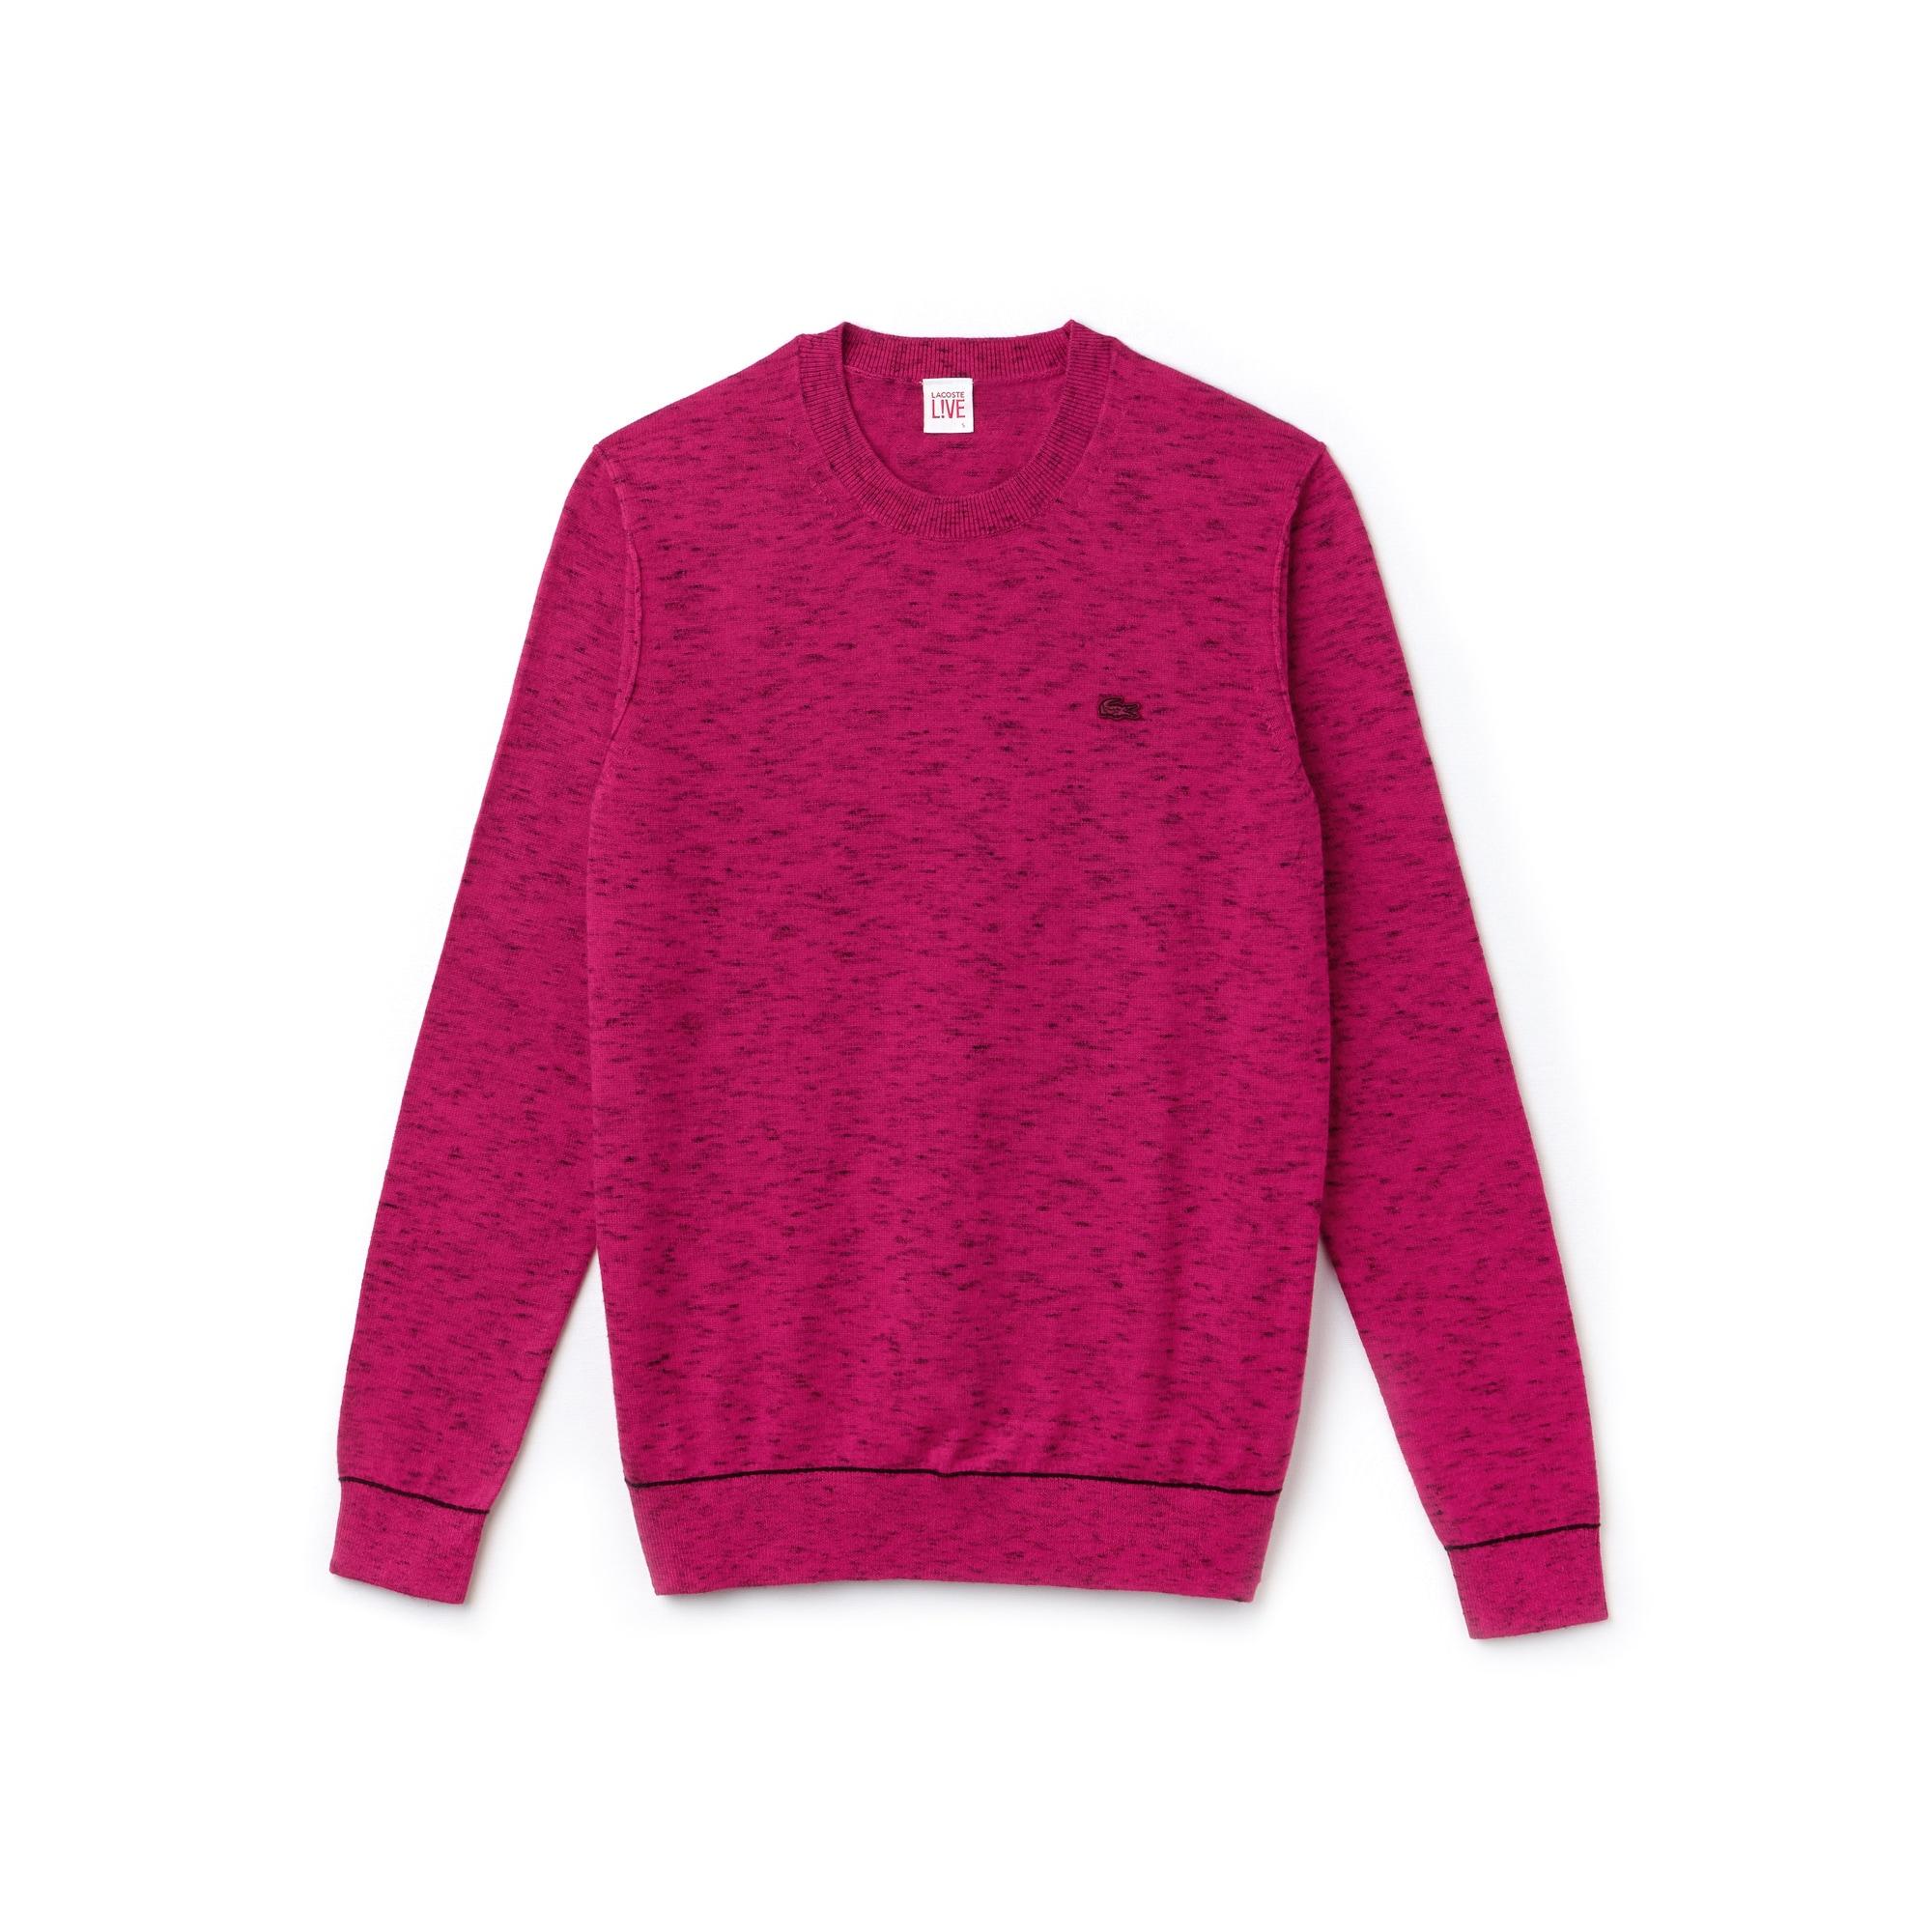 (여성) 라코스테 라이브 크루넥 코튼 캐시미어 저지 스웨터